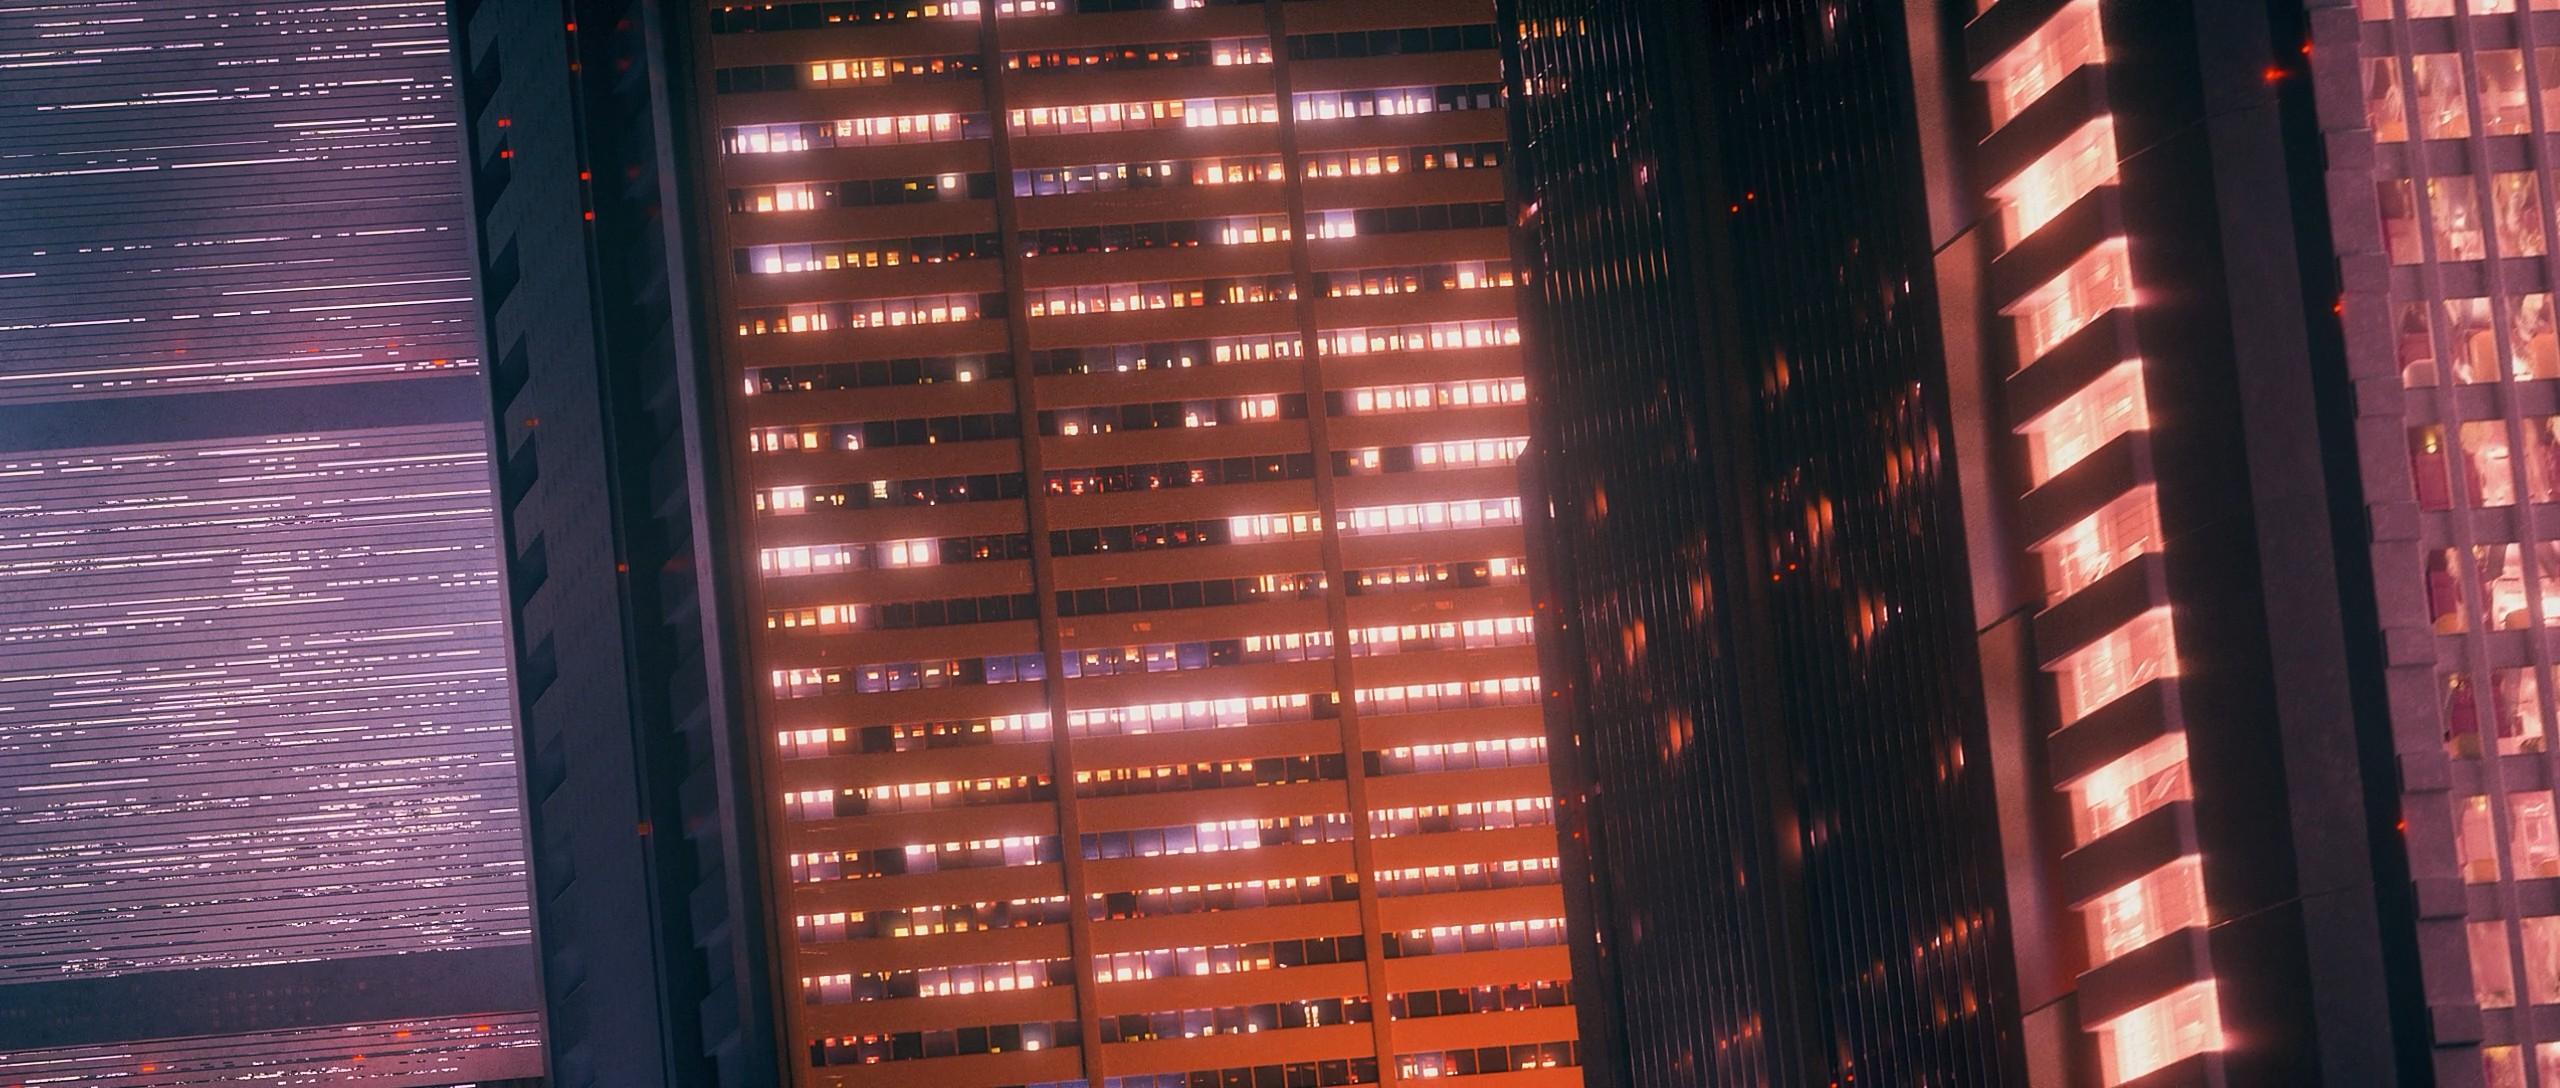 デスクトップ壁紙 明 Awaken Akira アニメ サイバーパンク 建物 Neo Tokyo シティ 日本 2560x10 Trahenots デスクトップ壁紙 Wallhere